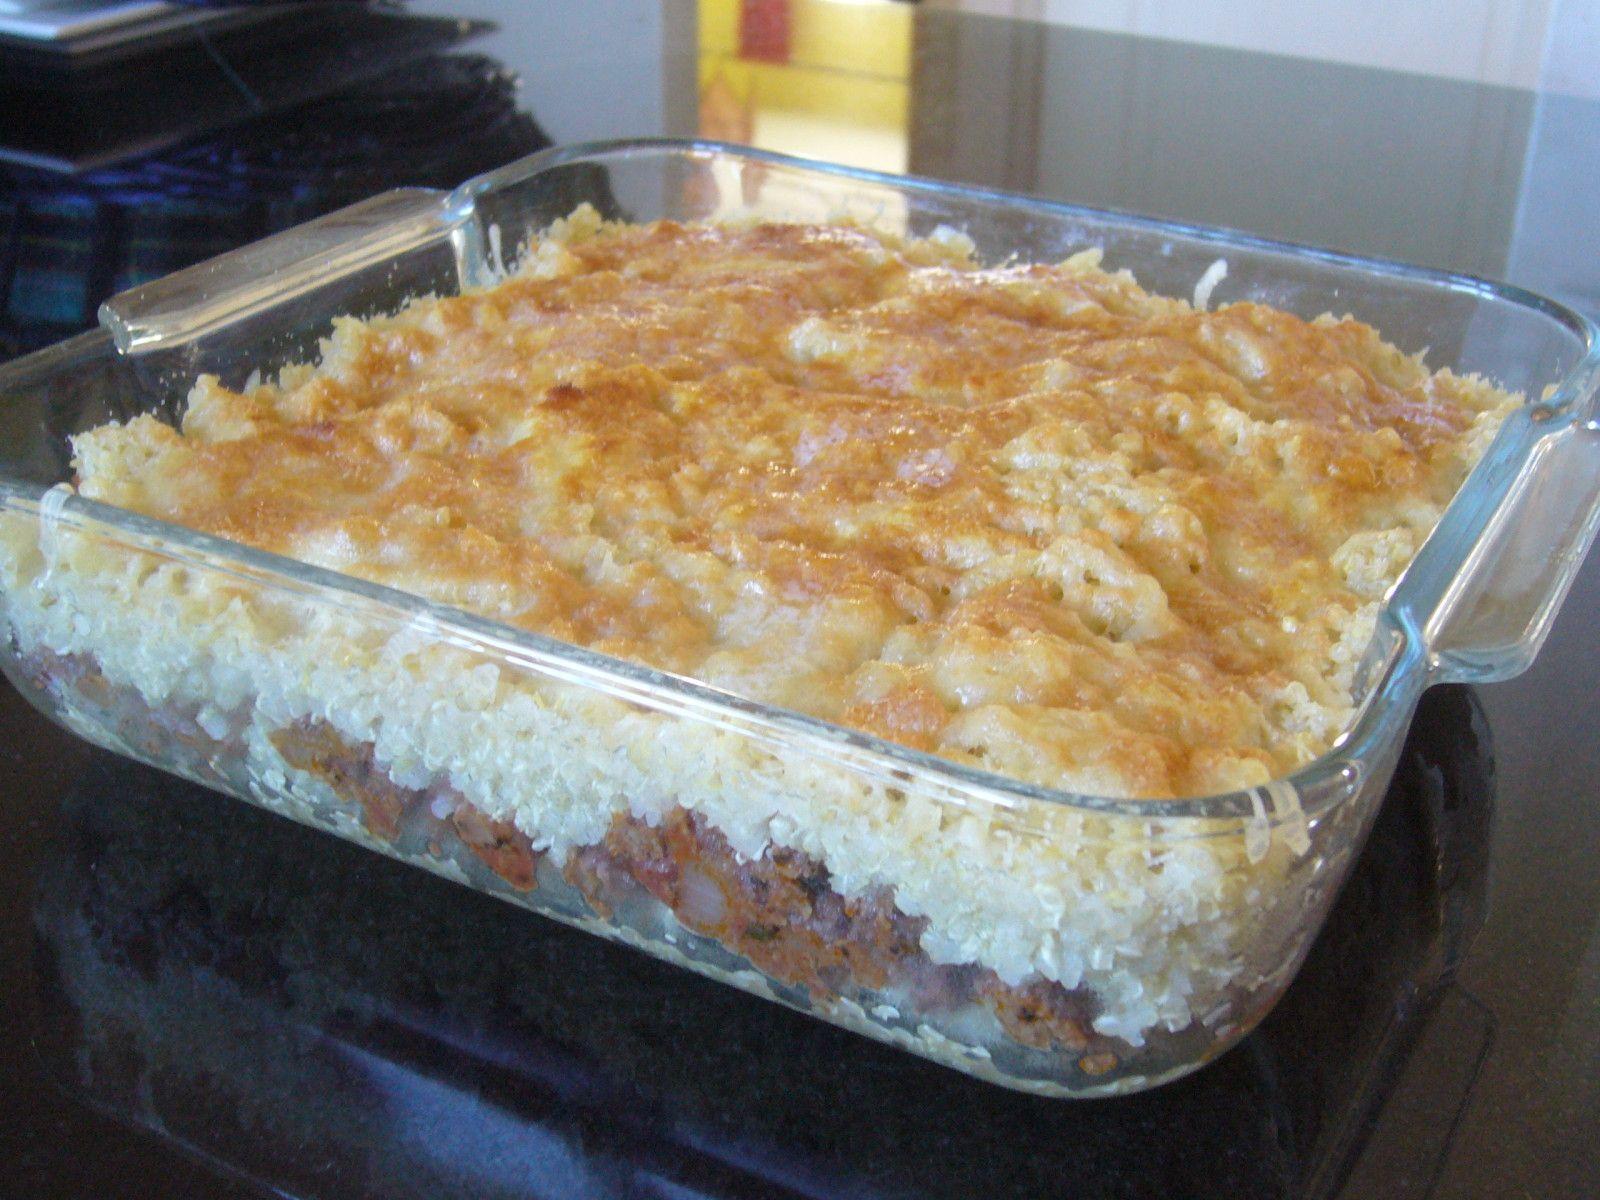 Gratin de quinoa au boeuf haché - 1, 2, 3, 4 filles aux fourneaux